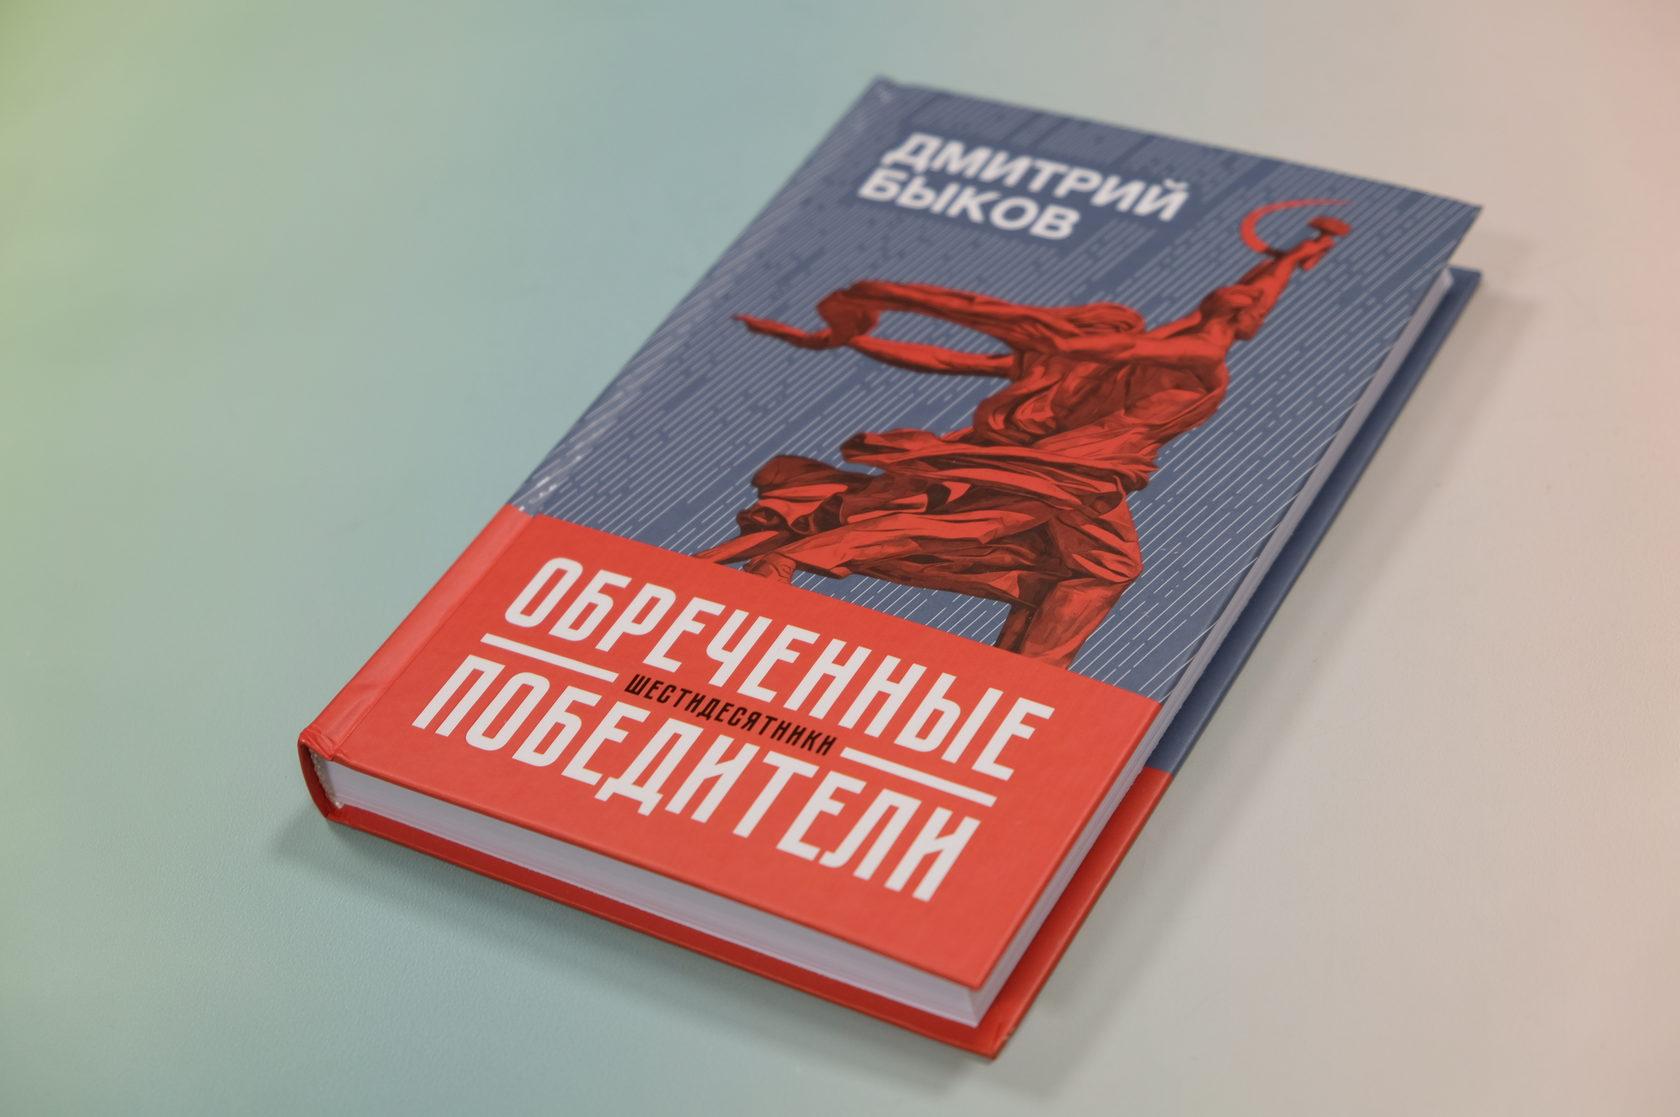 Дмитрий Быков «Обреченные победители: шестидесятники»